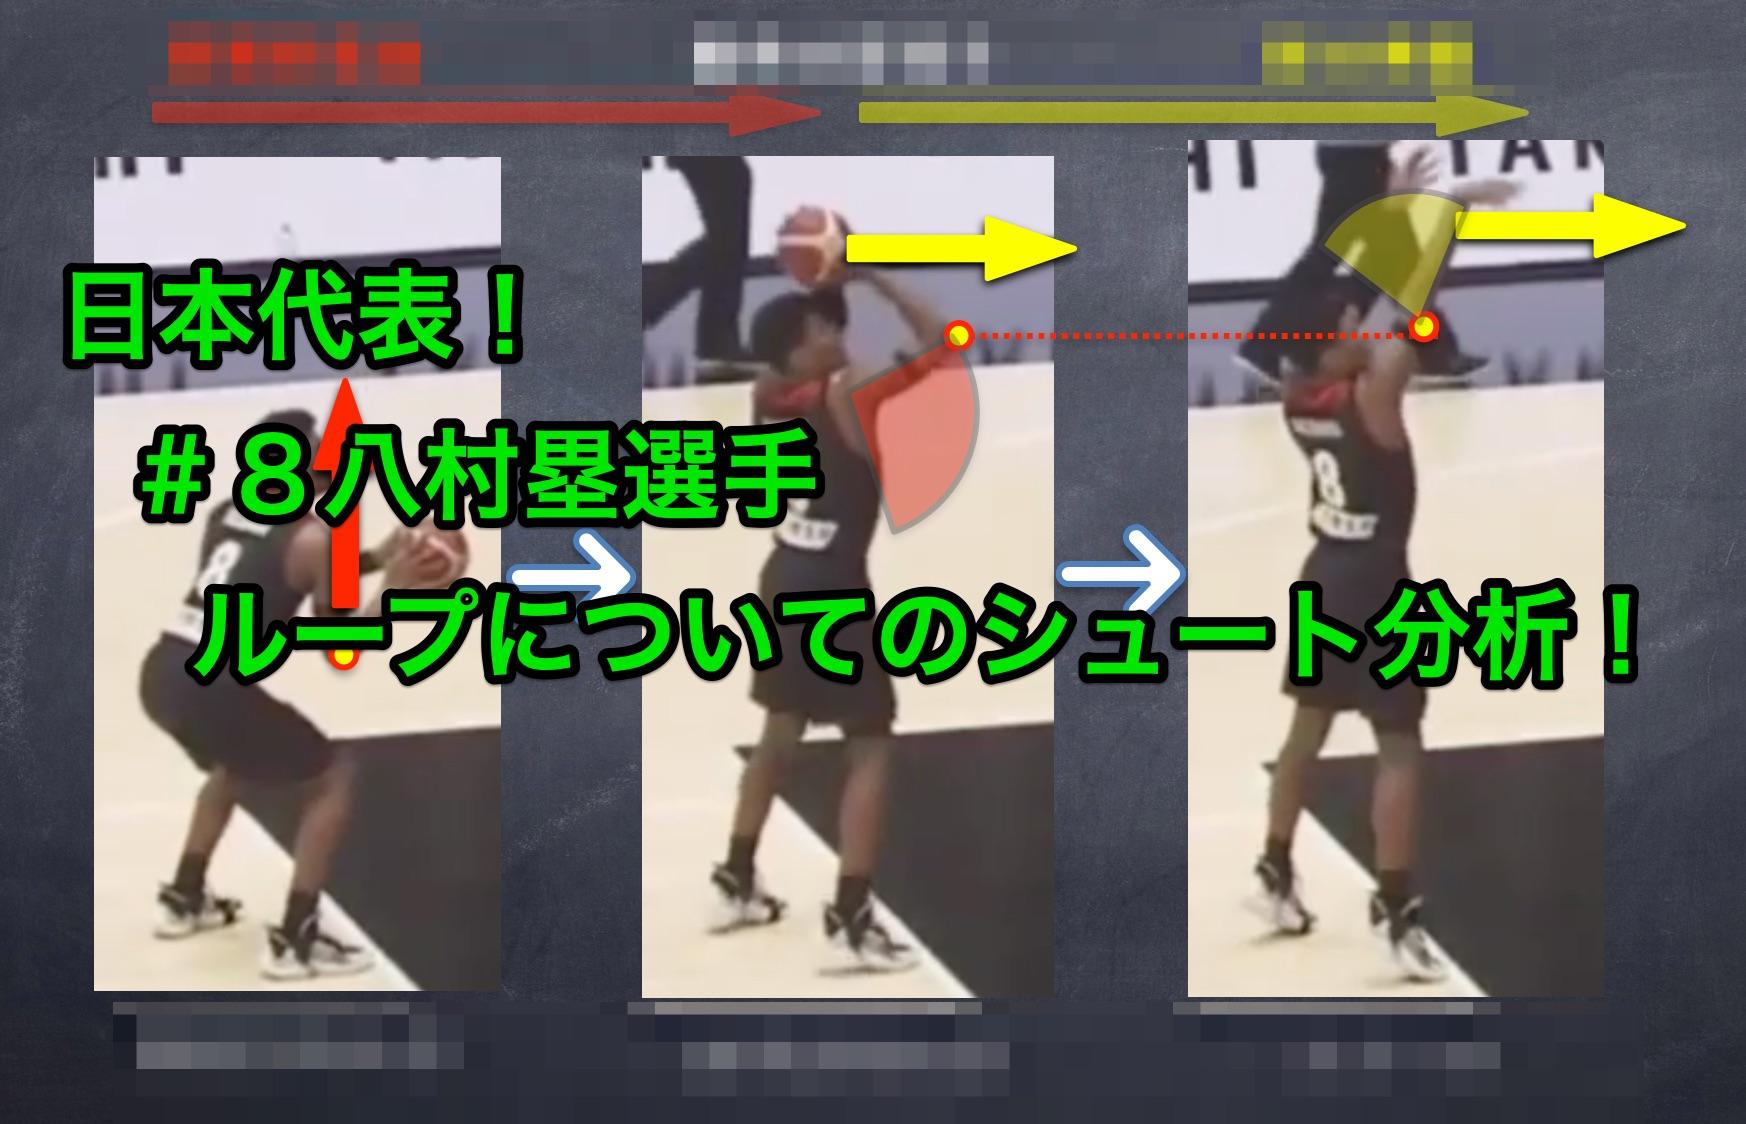 バスケ日本代表!#8八村塁選手のシュート分析! ループと動作の関係性